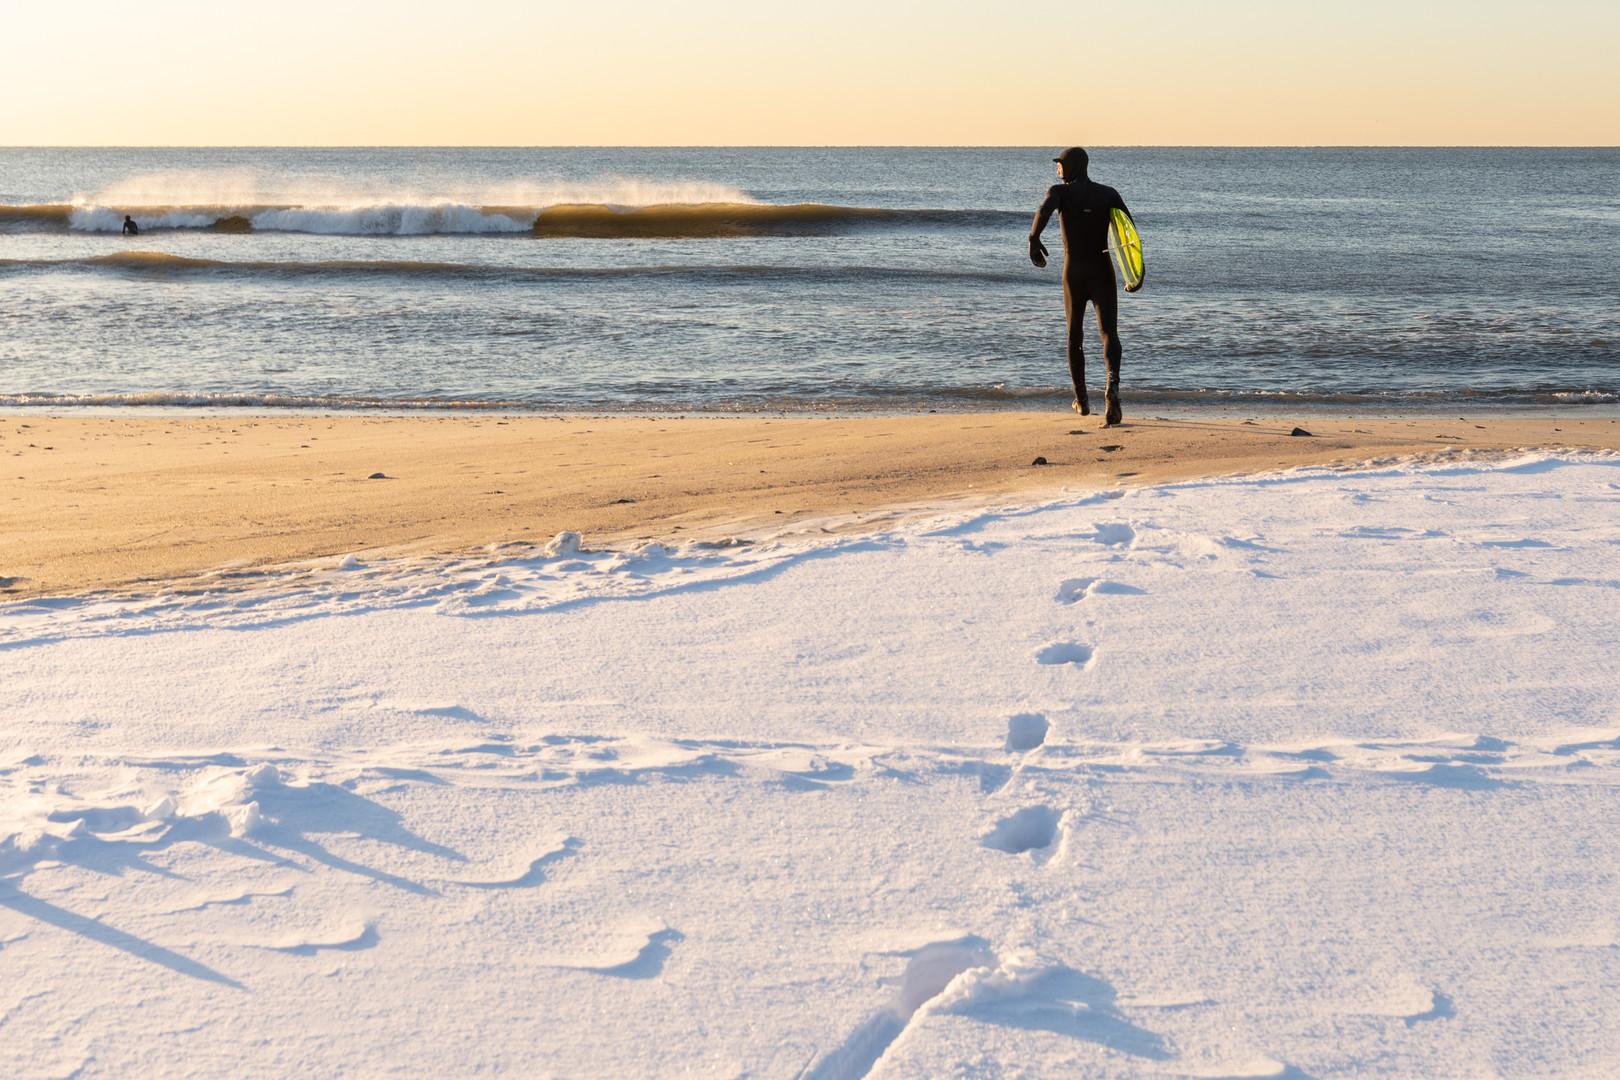 210208-Moran-MTucker-Winter_Surf (10 of